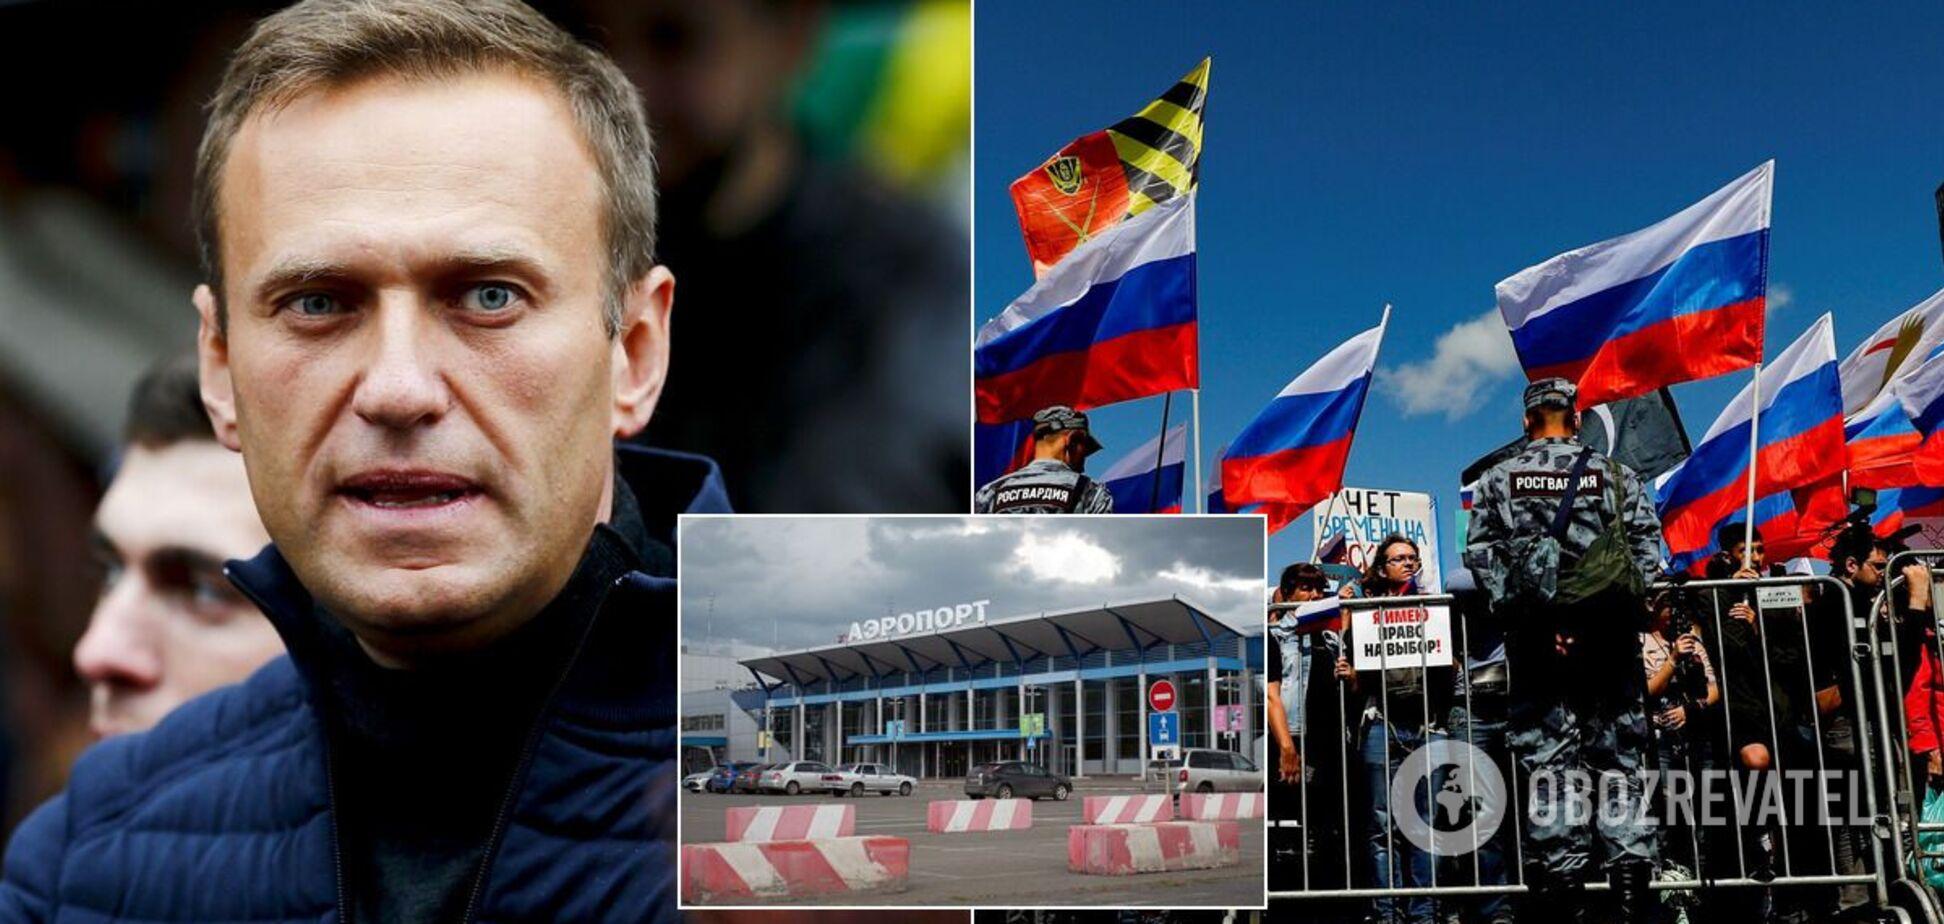 Навального могли отруїти вдруге невідомою отрутою: хто вивів політика з гри й до чого тут Кремль